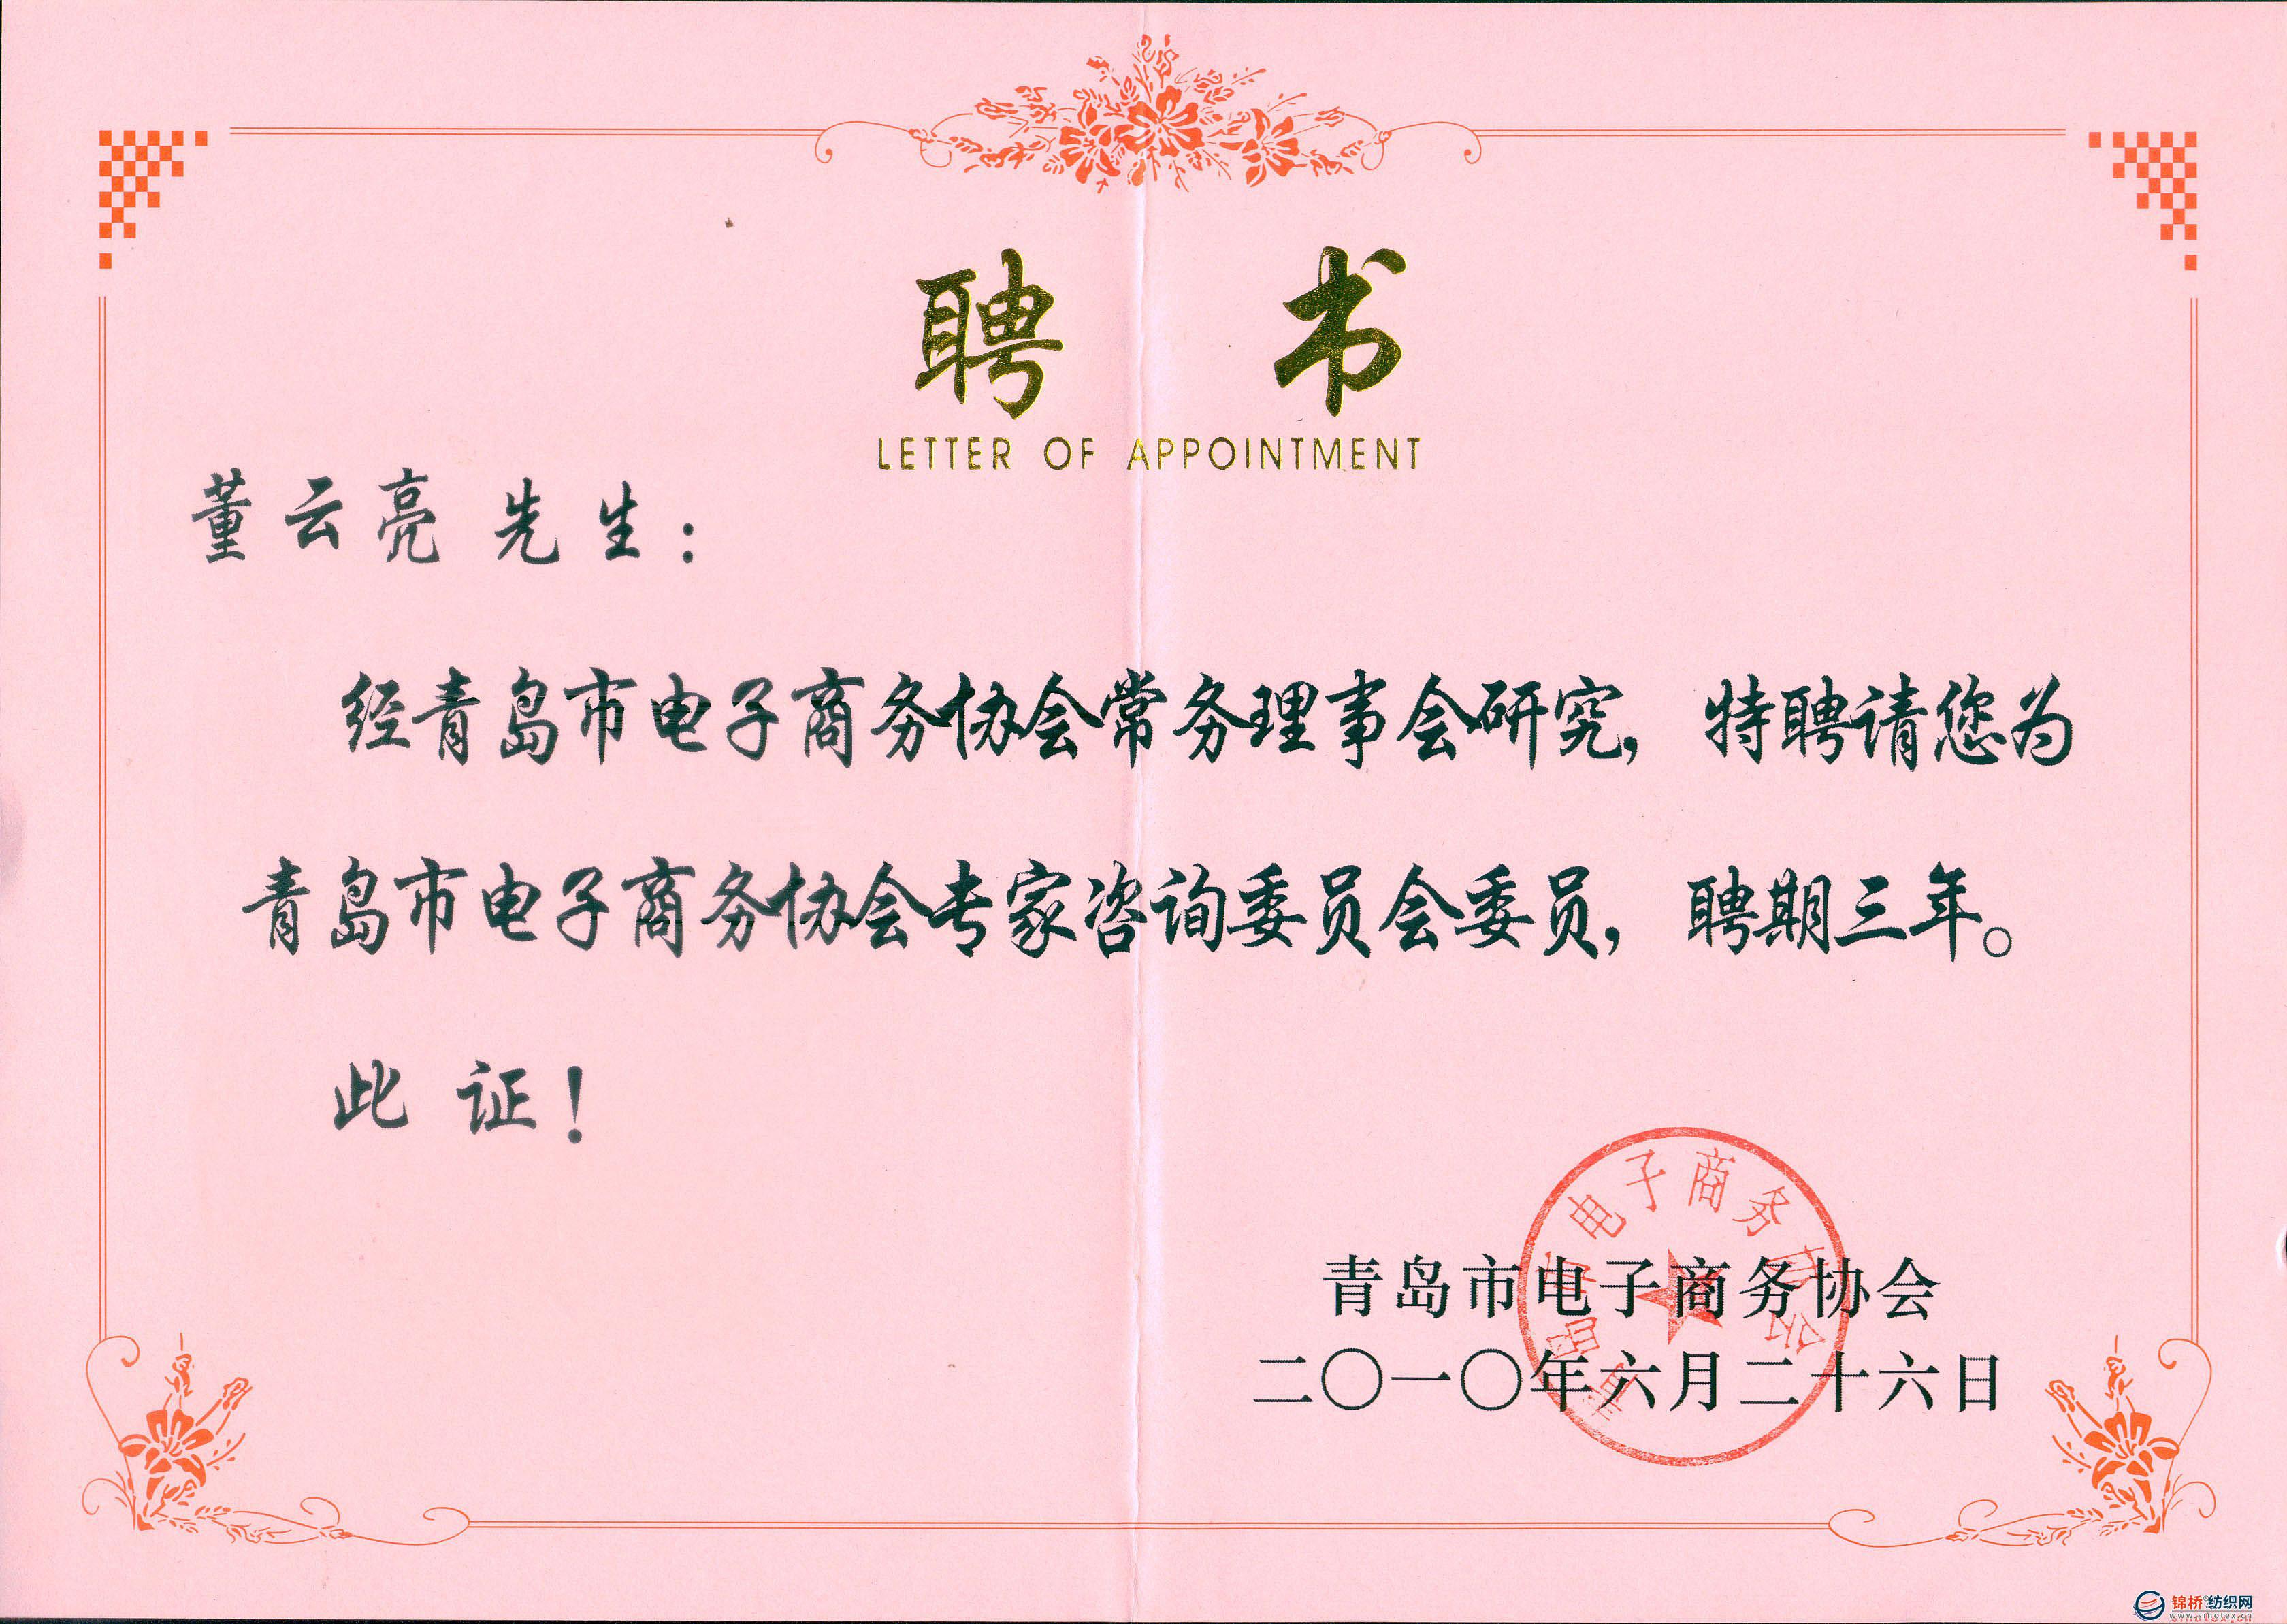 董云亮被聘为青岛市电子商务协会专家